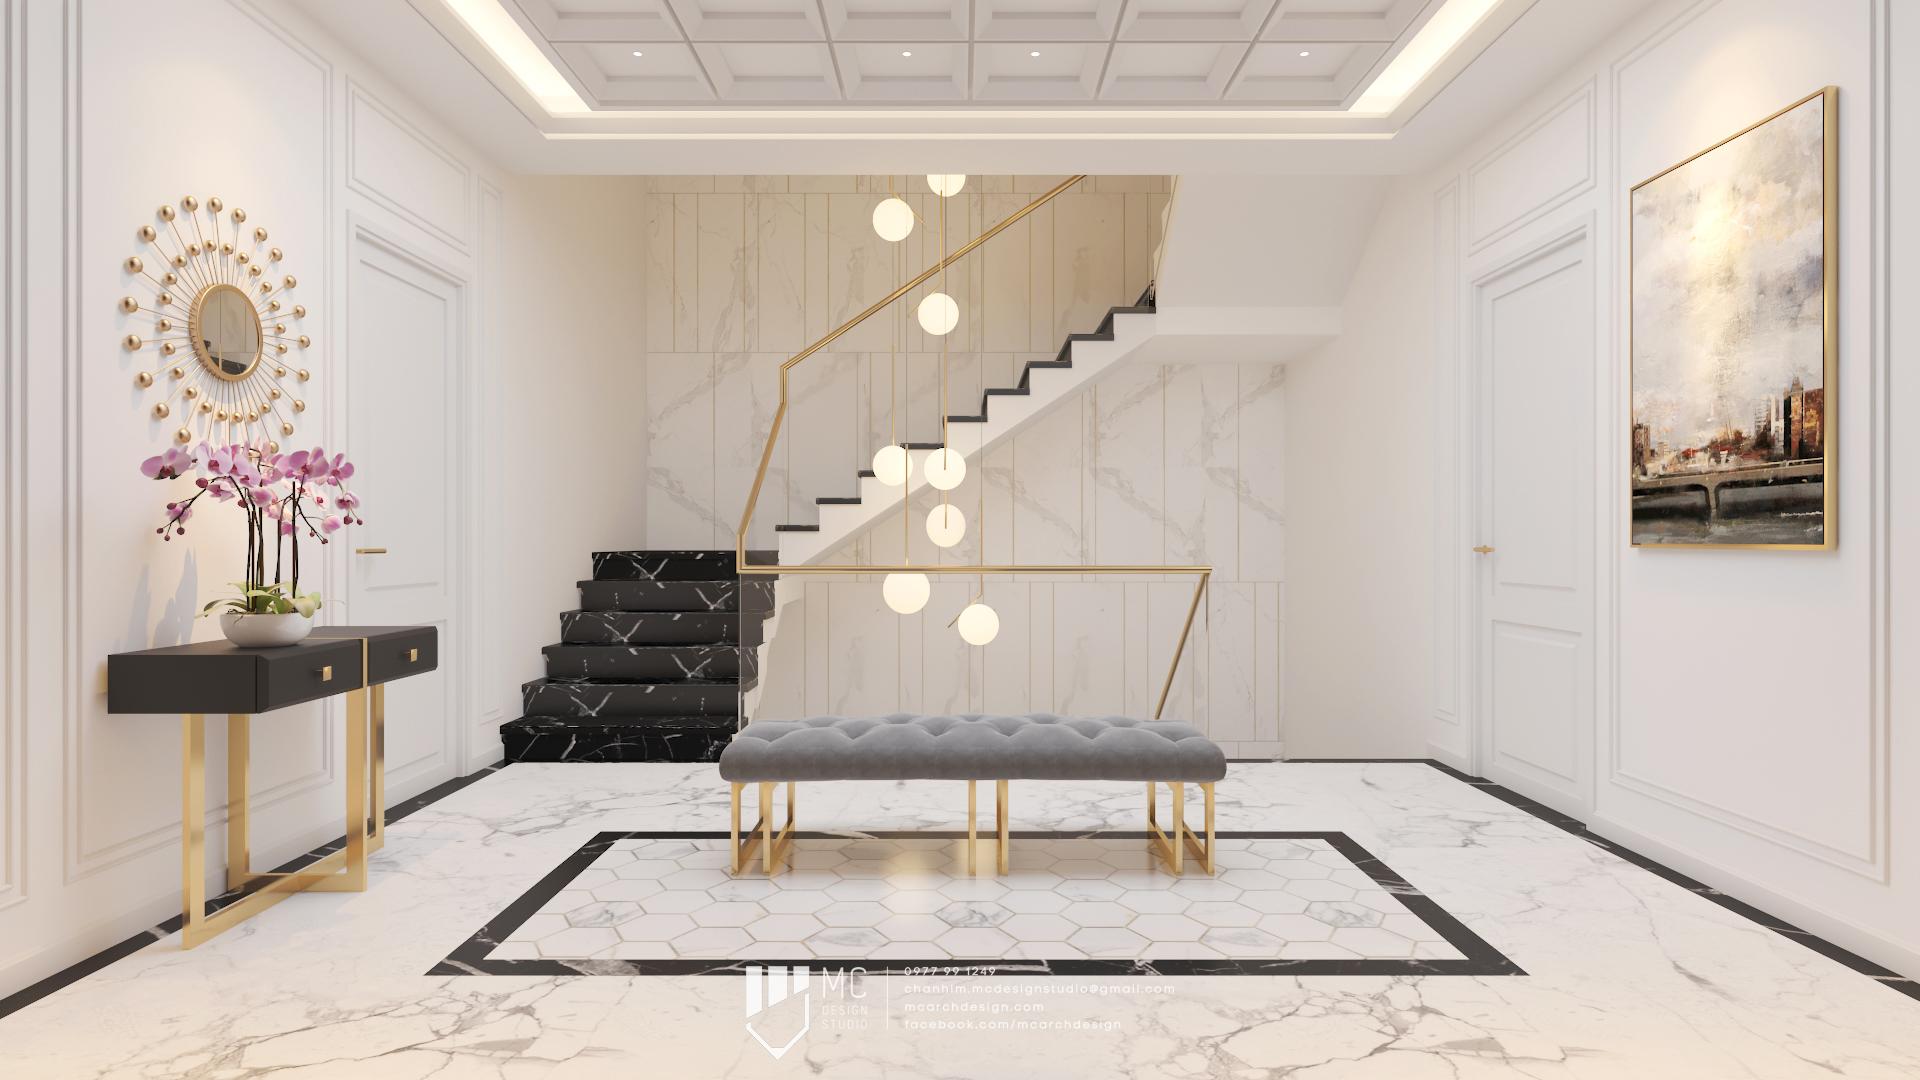 Thiết kế nội thất Nhà Mặt Phố tại Hồ Chí Minh Rosita Q9 1590741785 5